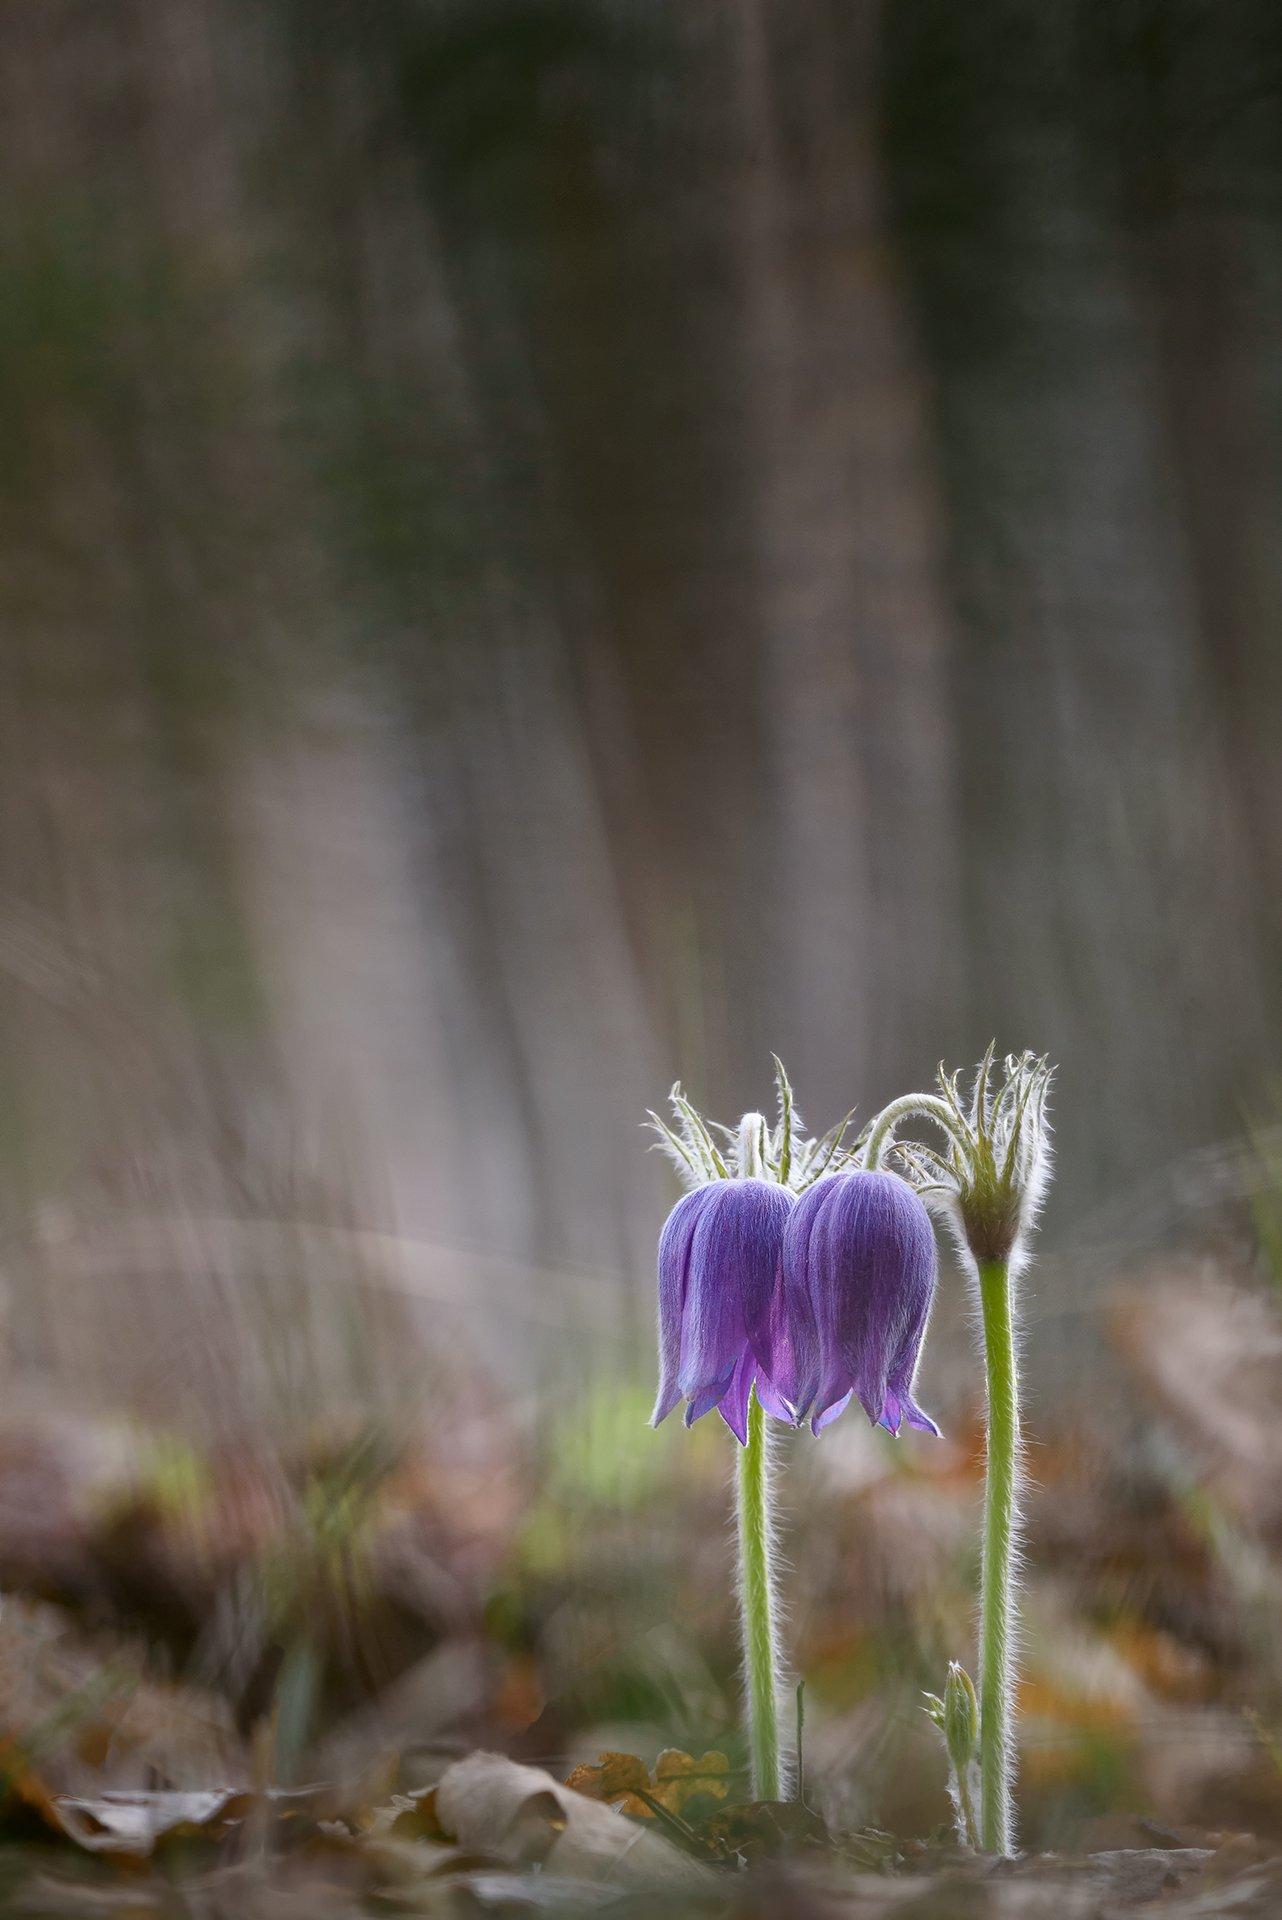 сон-трава, макрофотография, макро, природа, цветы, первоцветы, прострел, nature, macro, macrophotography, Игорь Зубков